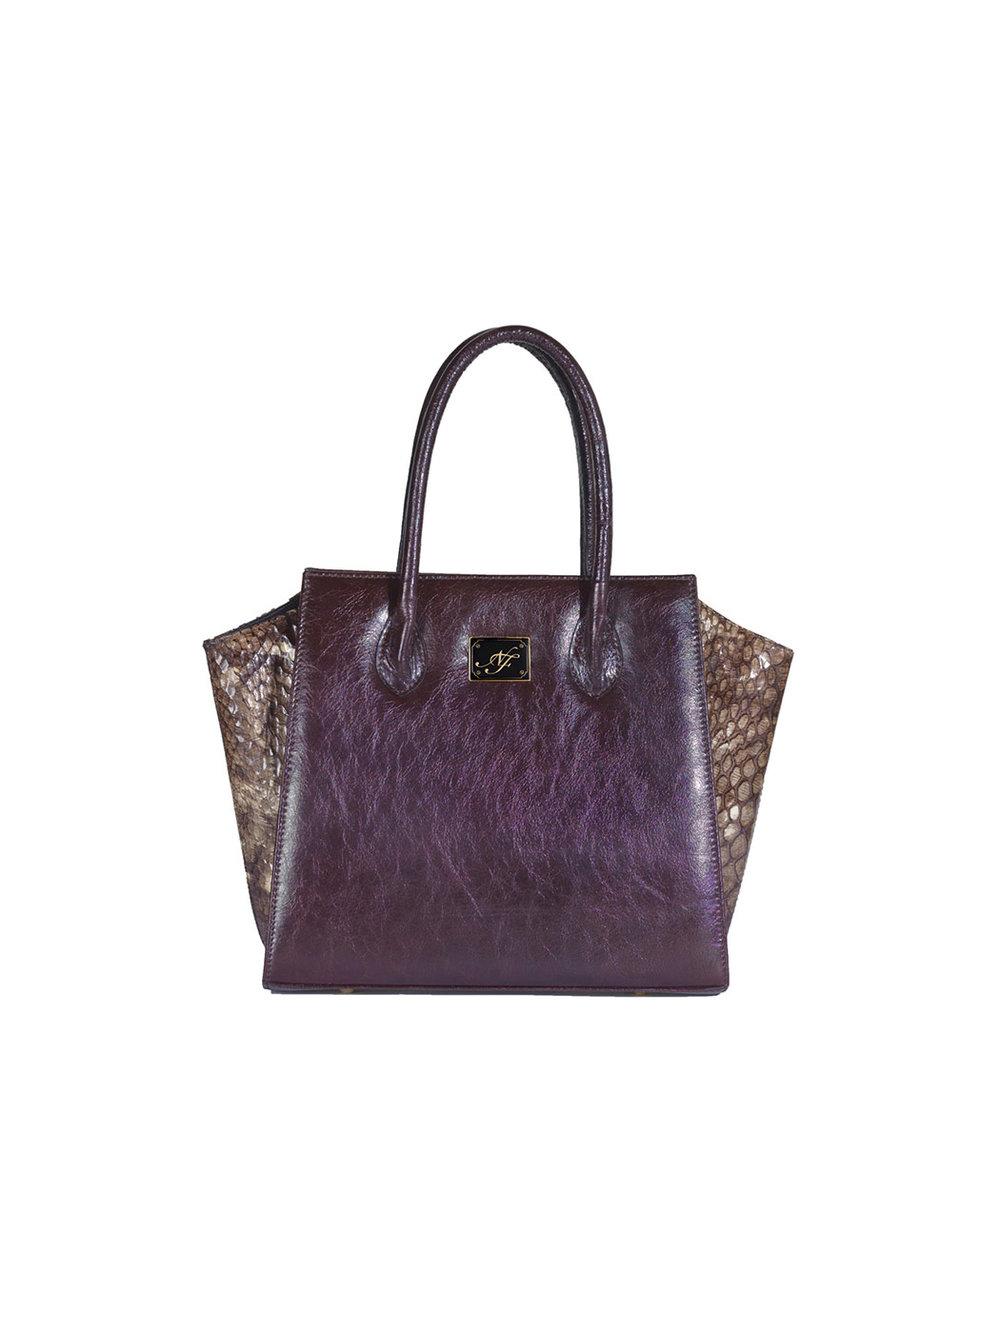 Bolsa Vbag violeta - $275